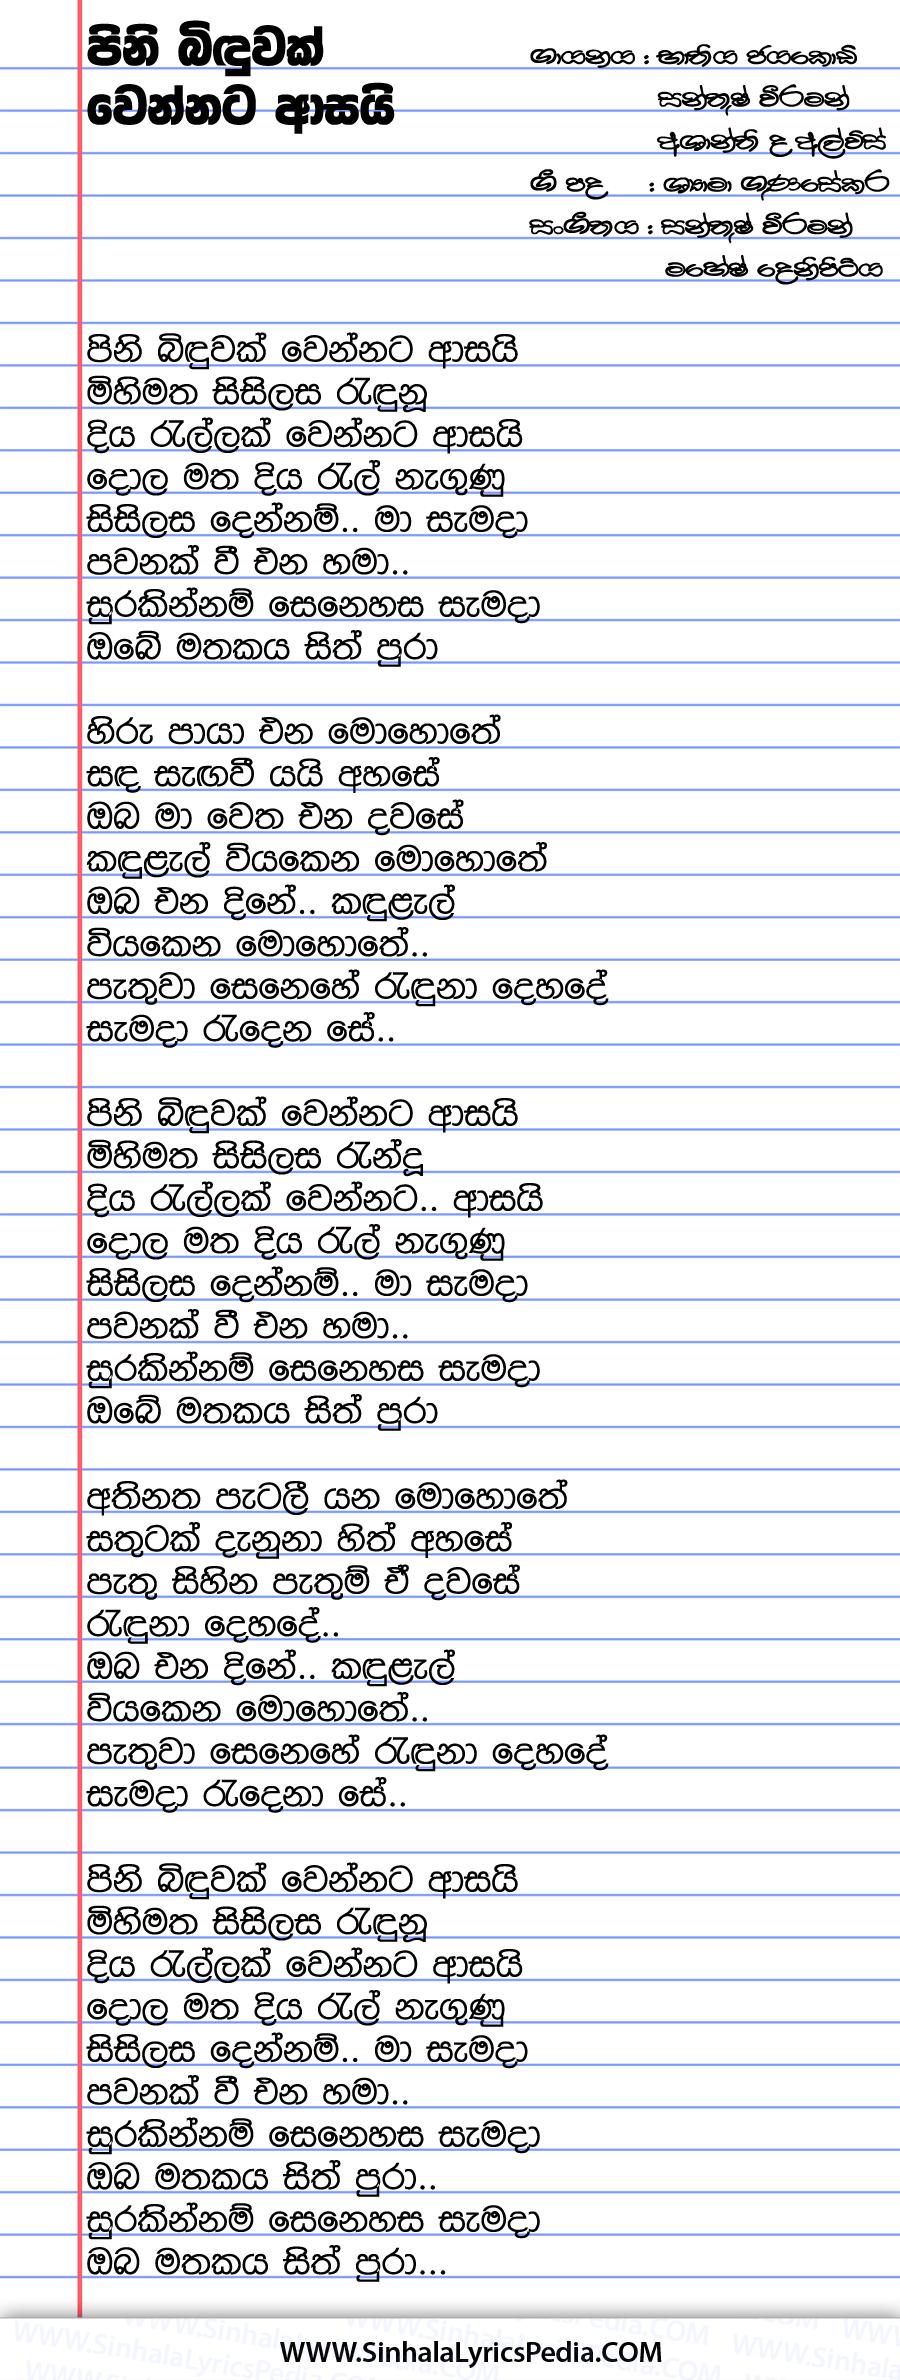 Pini Binduwak Wennata Asai Song Lyrics